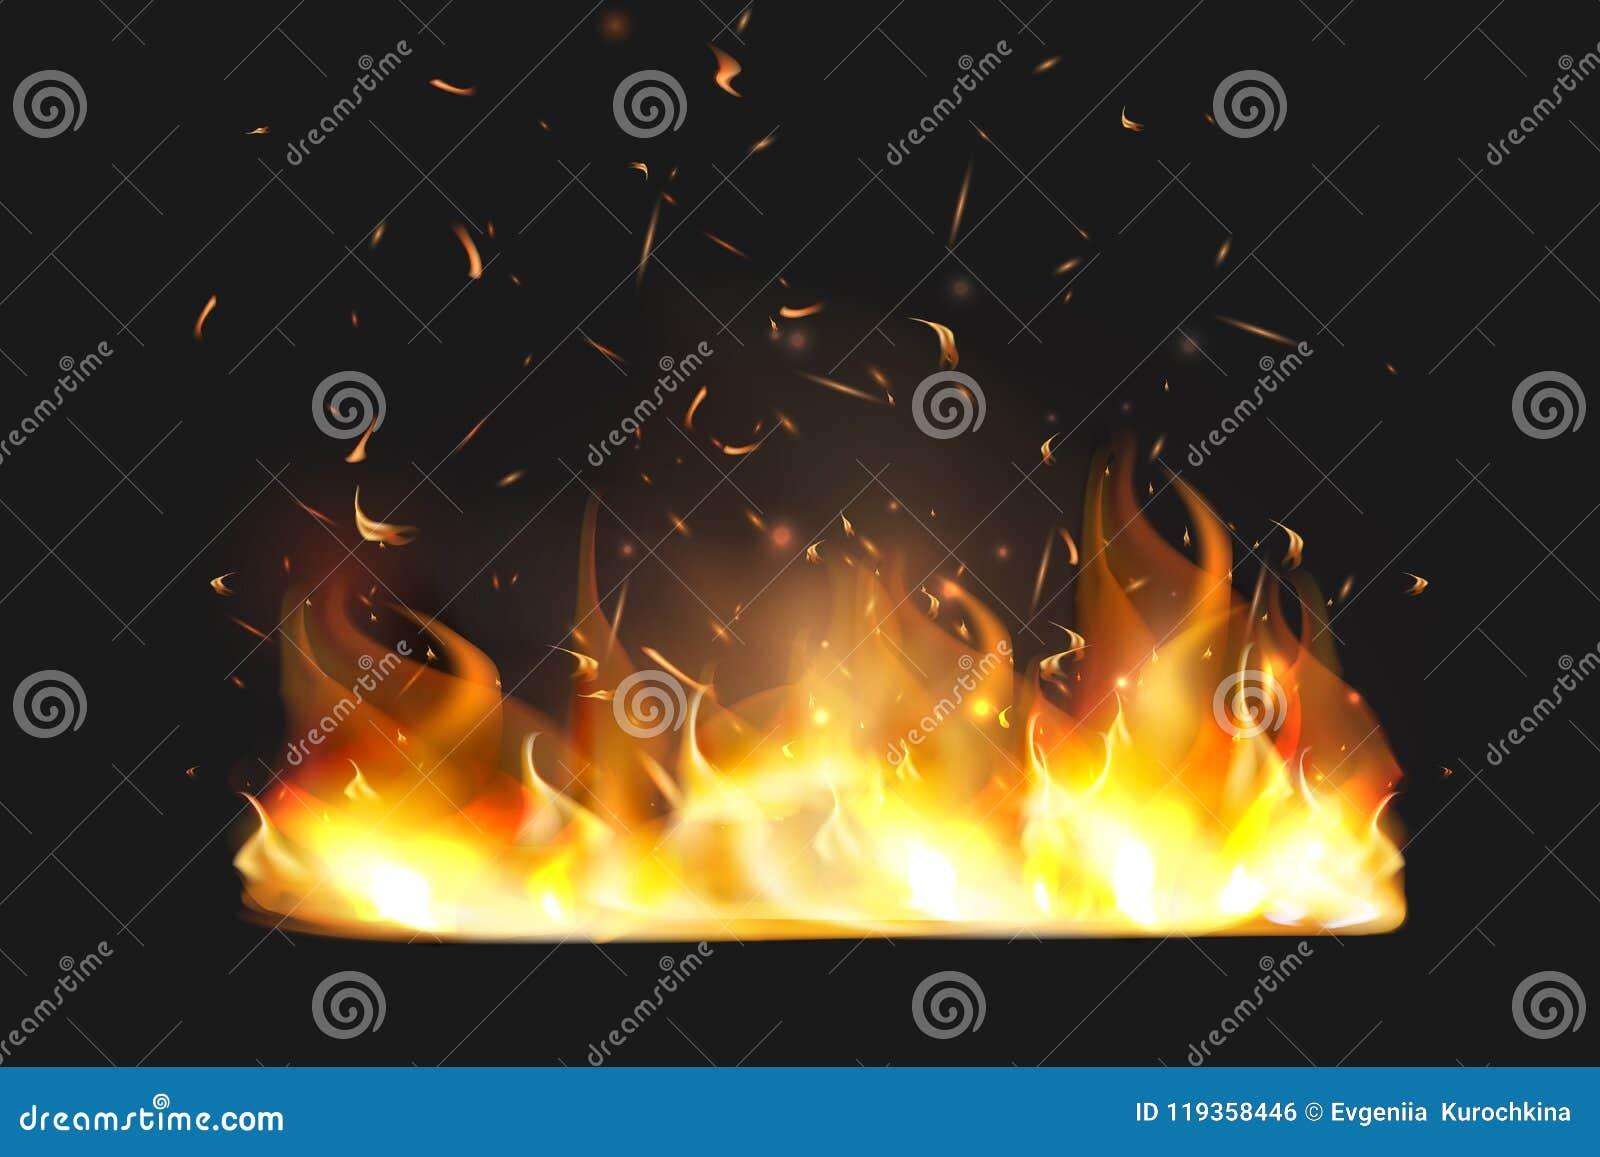 Czerwony ogień iskrzy wektorowego latanie up Płonące rozjarzone cząsteczki Płomień ogień z iskrami w powietrzu nad ciemną nocą